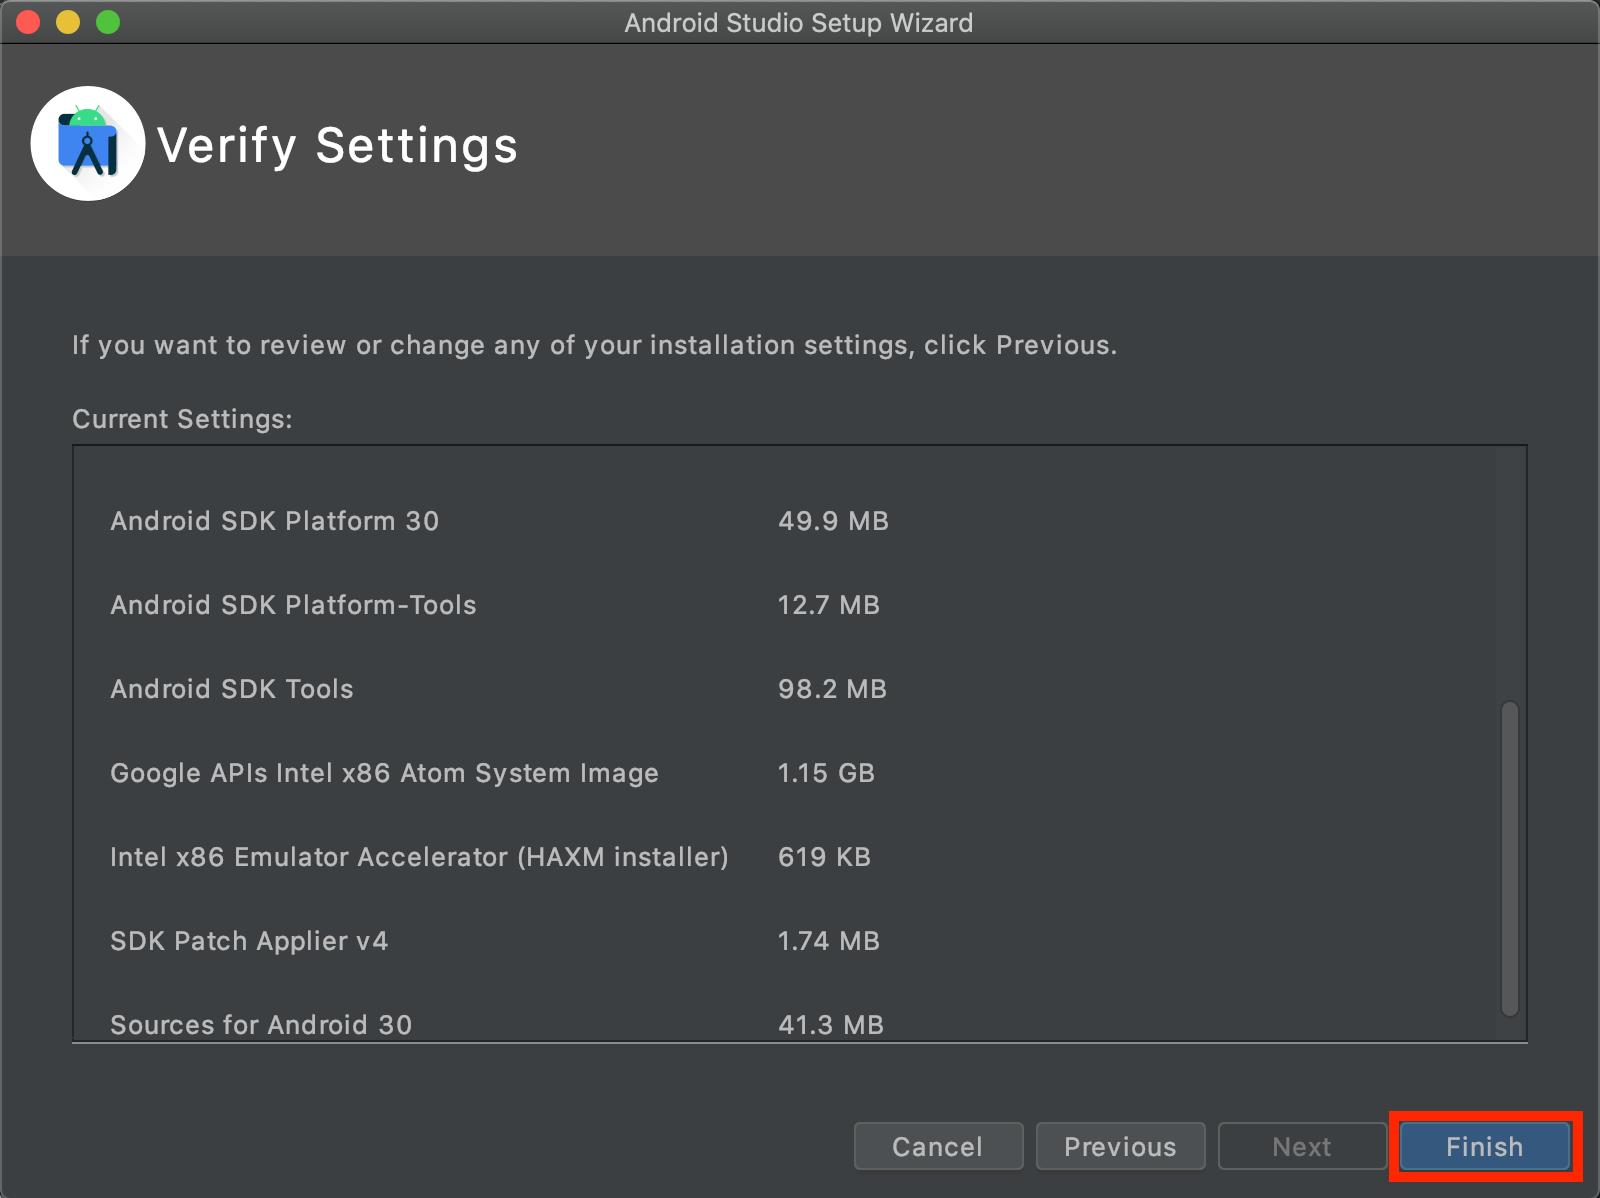 Android Studioの設定確認画面の画像